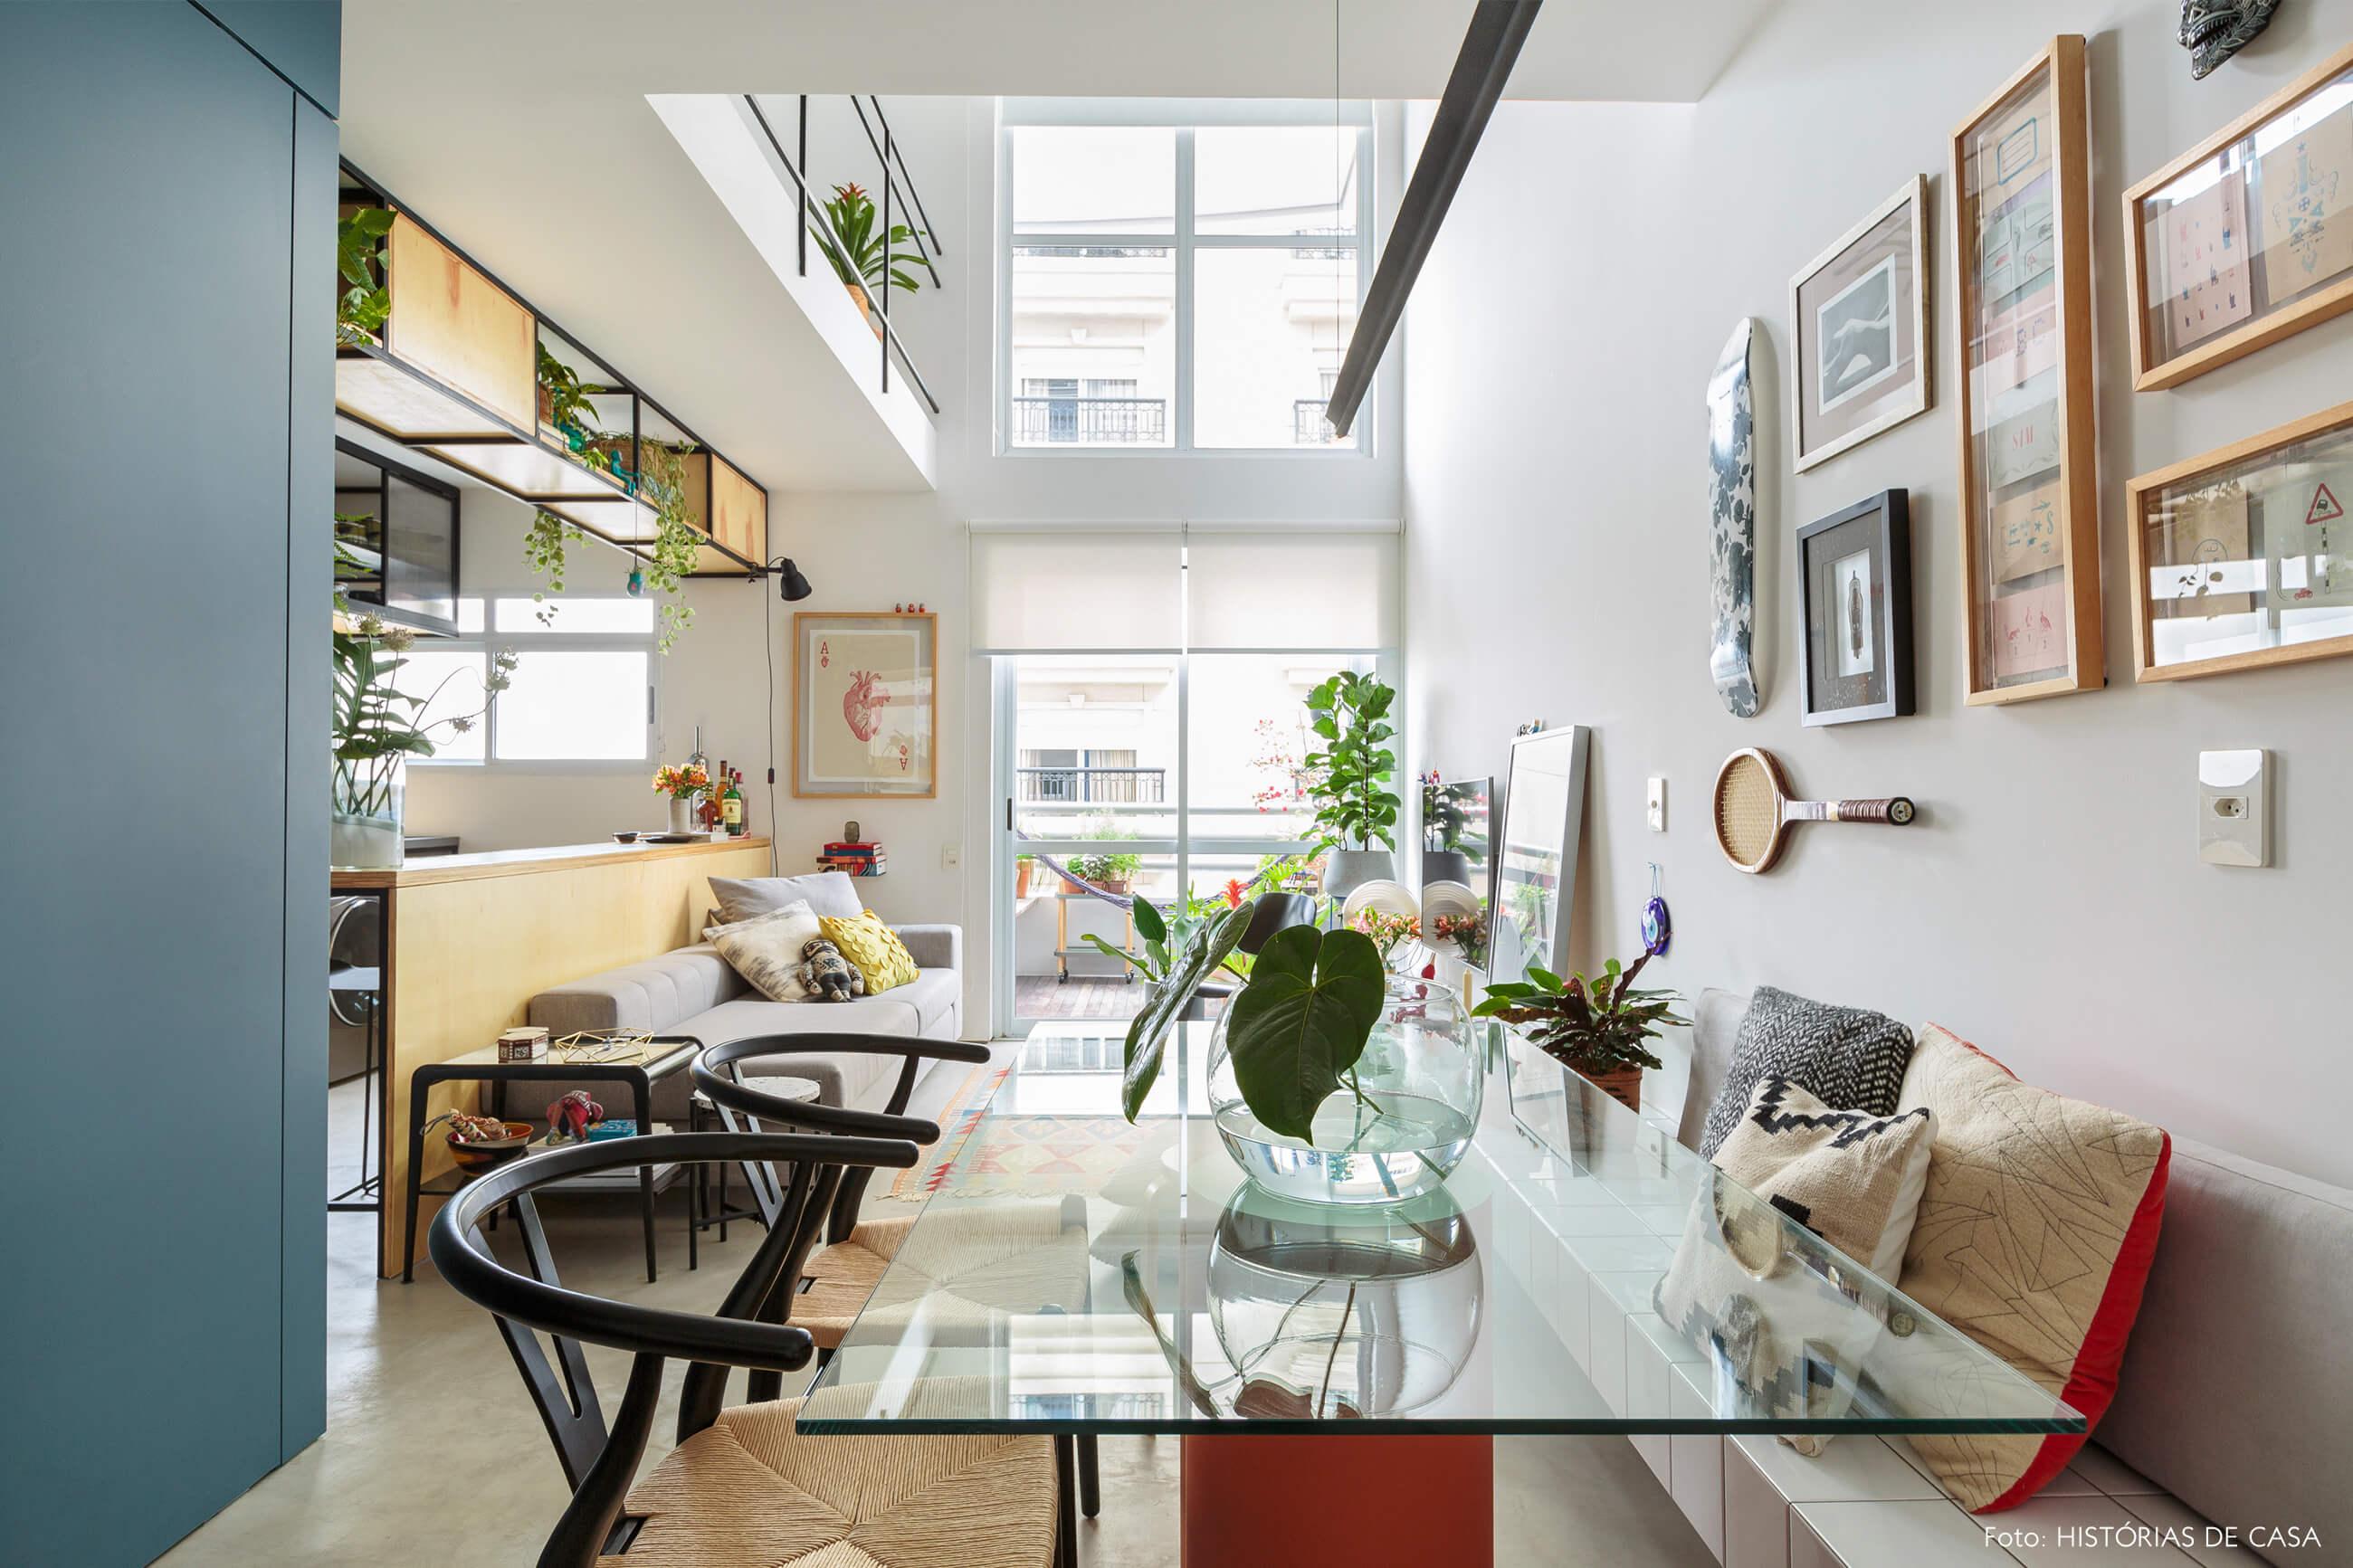 20-flavio-decoração-sala-jantar-com-mesa-de-vidro